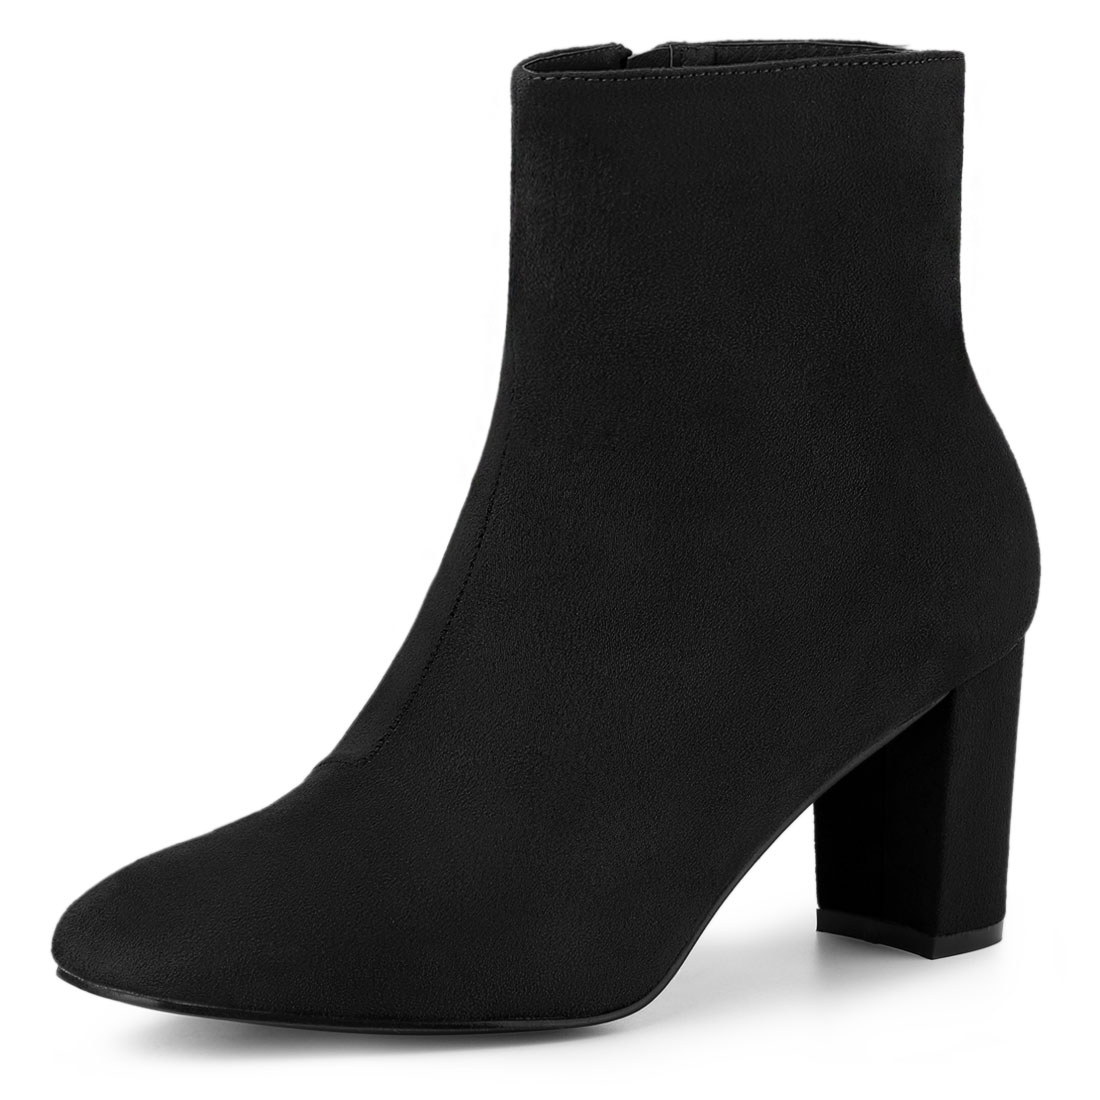 Allegra K Women's Dress Side Zip Chunky Heel Ankle Boots Black US 10